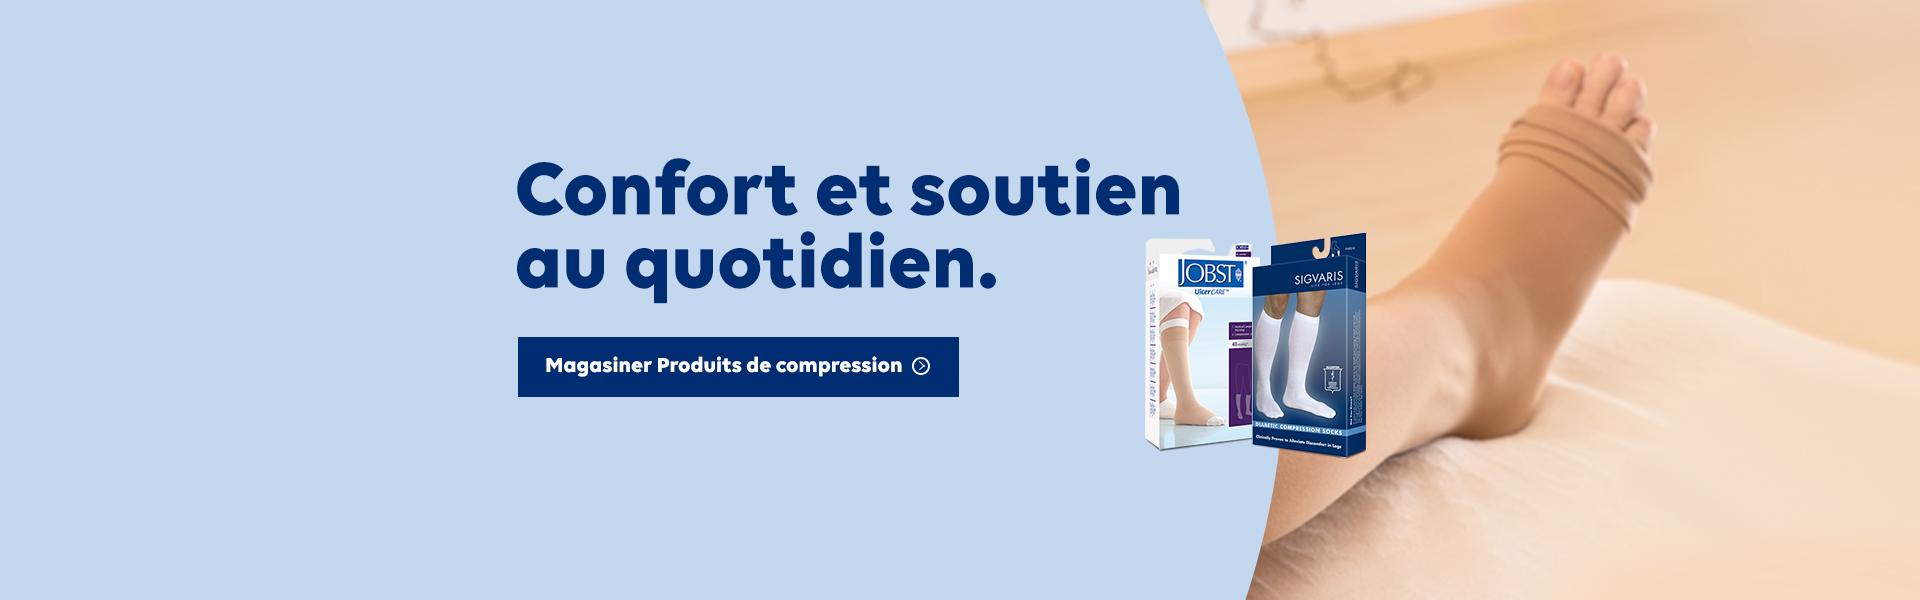 Confort et soutien au quotidien. Magasiner Produits de compression.